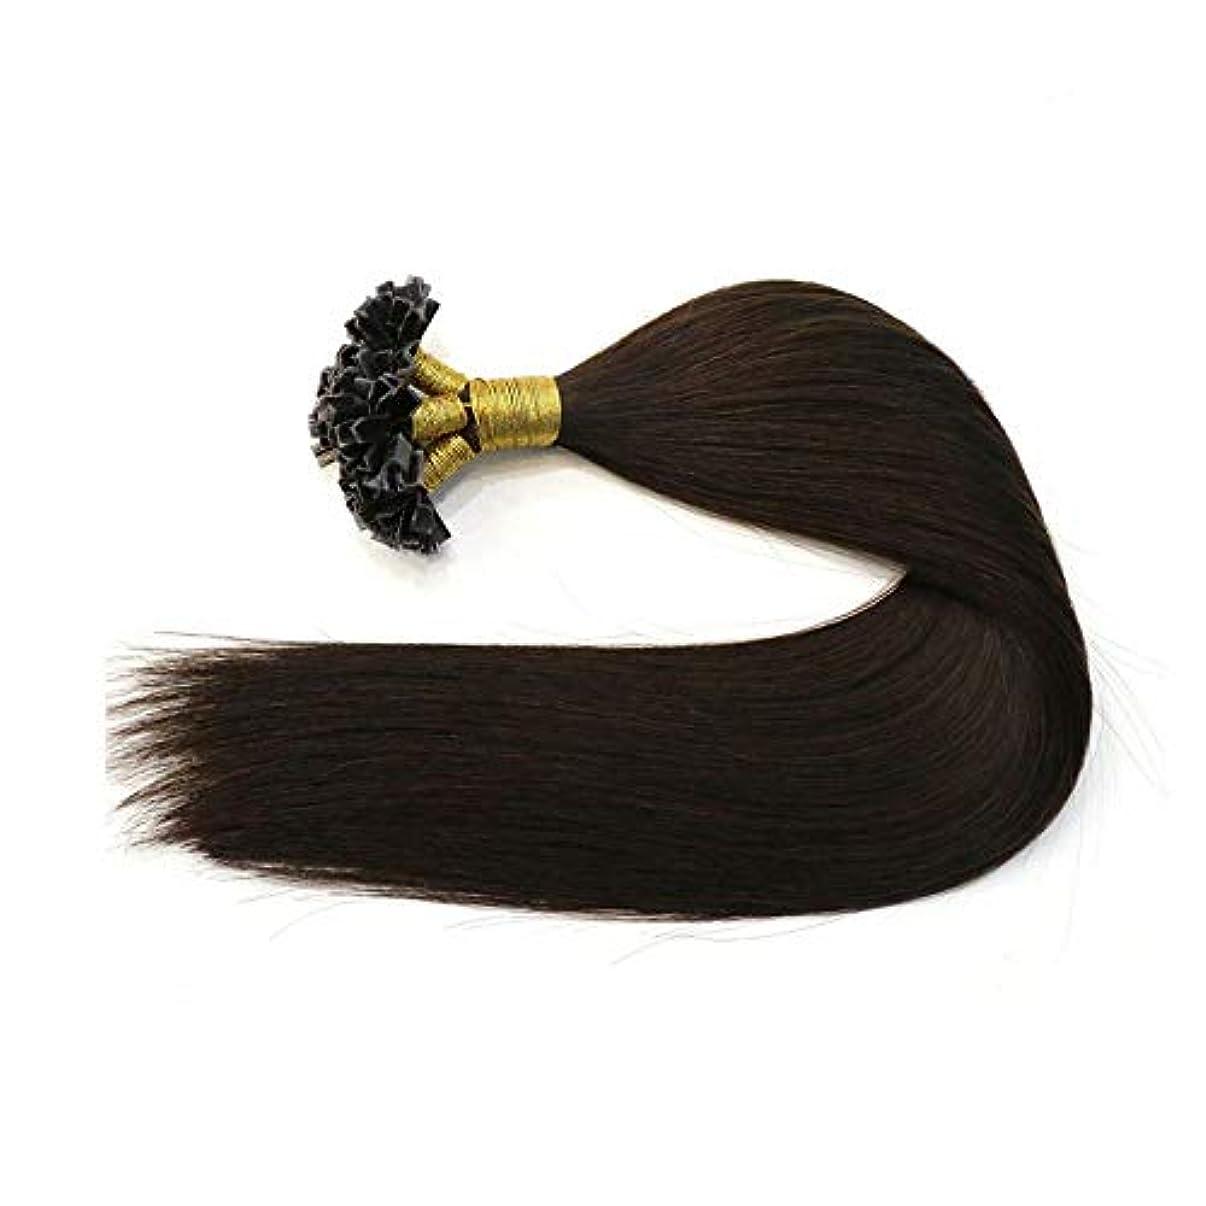 実質的に注入栄養WASAIO ナチュラルヘアエクステンションクリップ裏地なし髪型ブラックFusionの人間の髪の拡張機能レミーブラジルの髪の連続 (色 : 黒, サイズ : 14 inch)